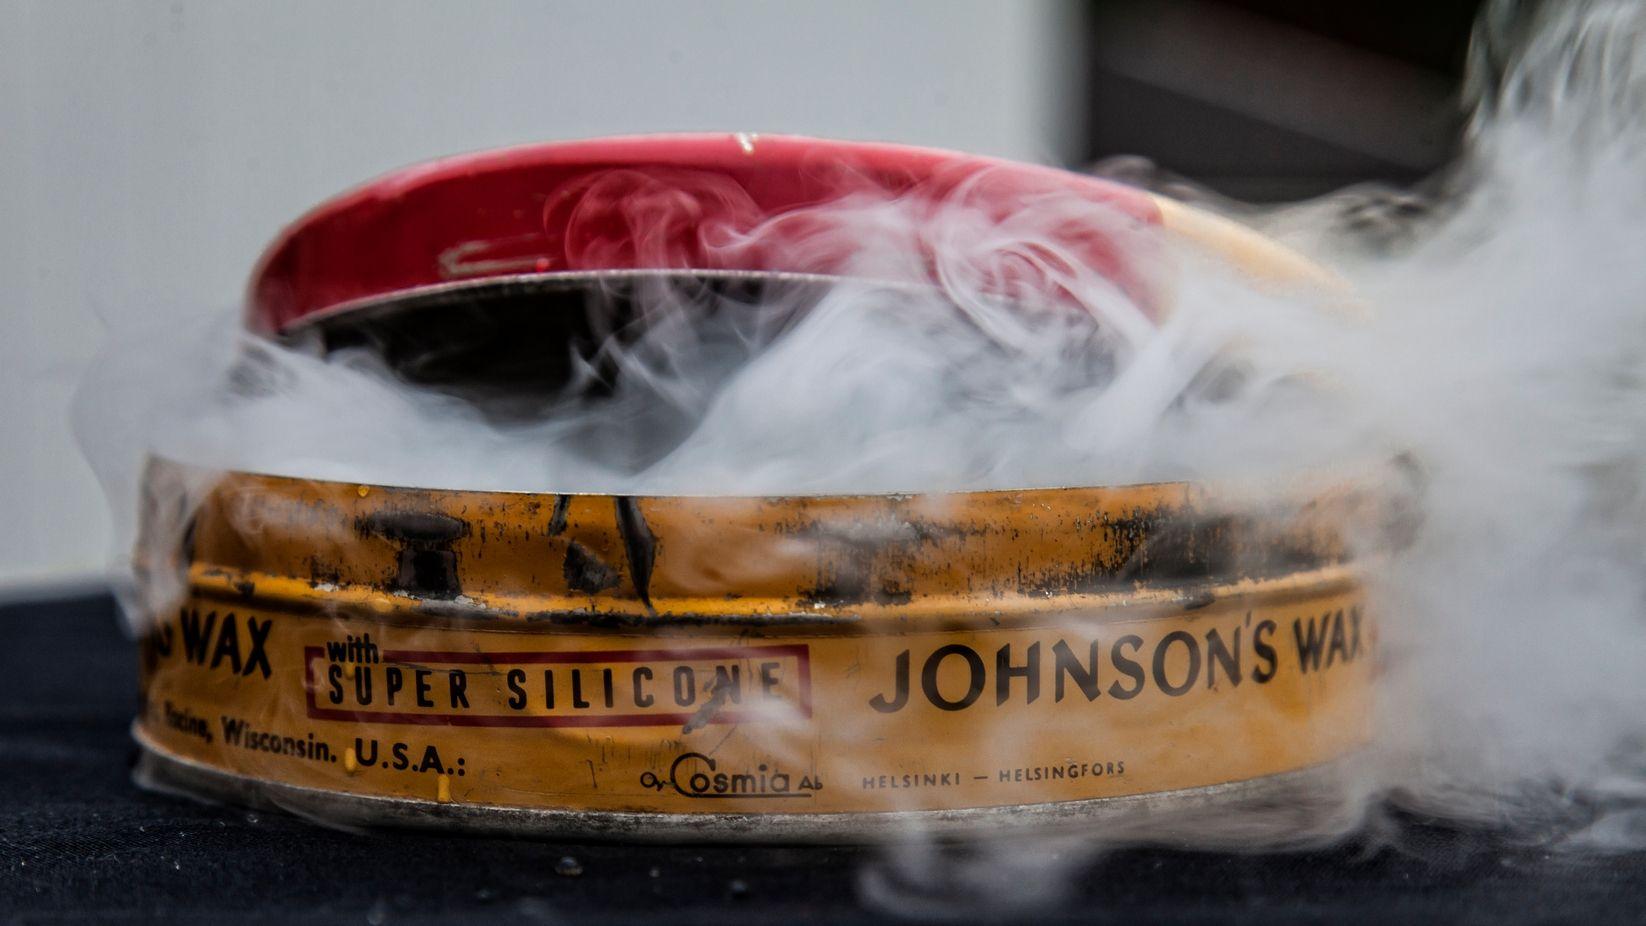 Johnson's Wax with Super Silicone silloin hyvään aikaan, eli ennen kuin ympäristömyrkyistä tiedettiin...